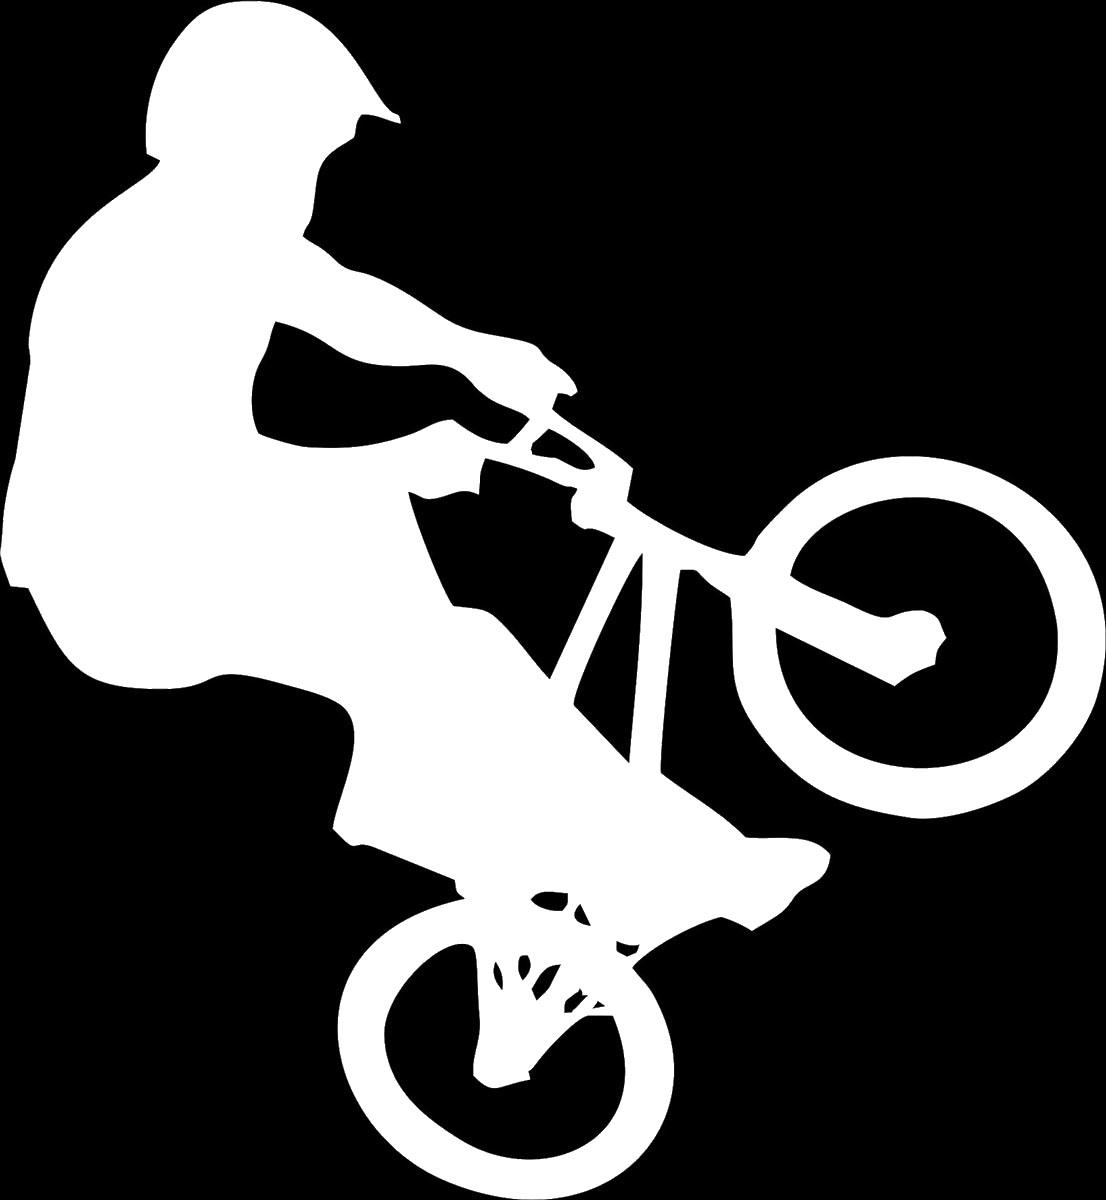 Наклейка автомобильная Оранжевый слоник Велосипед, виниловая, цвет: белый150SP00042WОригинальная наклейка Оранжевый слоник Велосипед изготовлена из высококачественной виниловой пленки, которая выполняет не только декоративную функцию, но и защищает кузов автомобиля от небольших механических повреждений, либо скрывает уже существующие. Виниловые наклейки на автомобиль - это не только красиво, но еще и быстро! Всего за несколько минут вы можете полностью преобразить свой автомобиль, сделать его ярким, необычным, особенным и неповторимым!